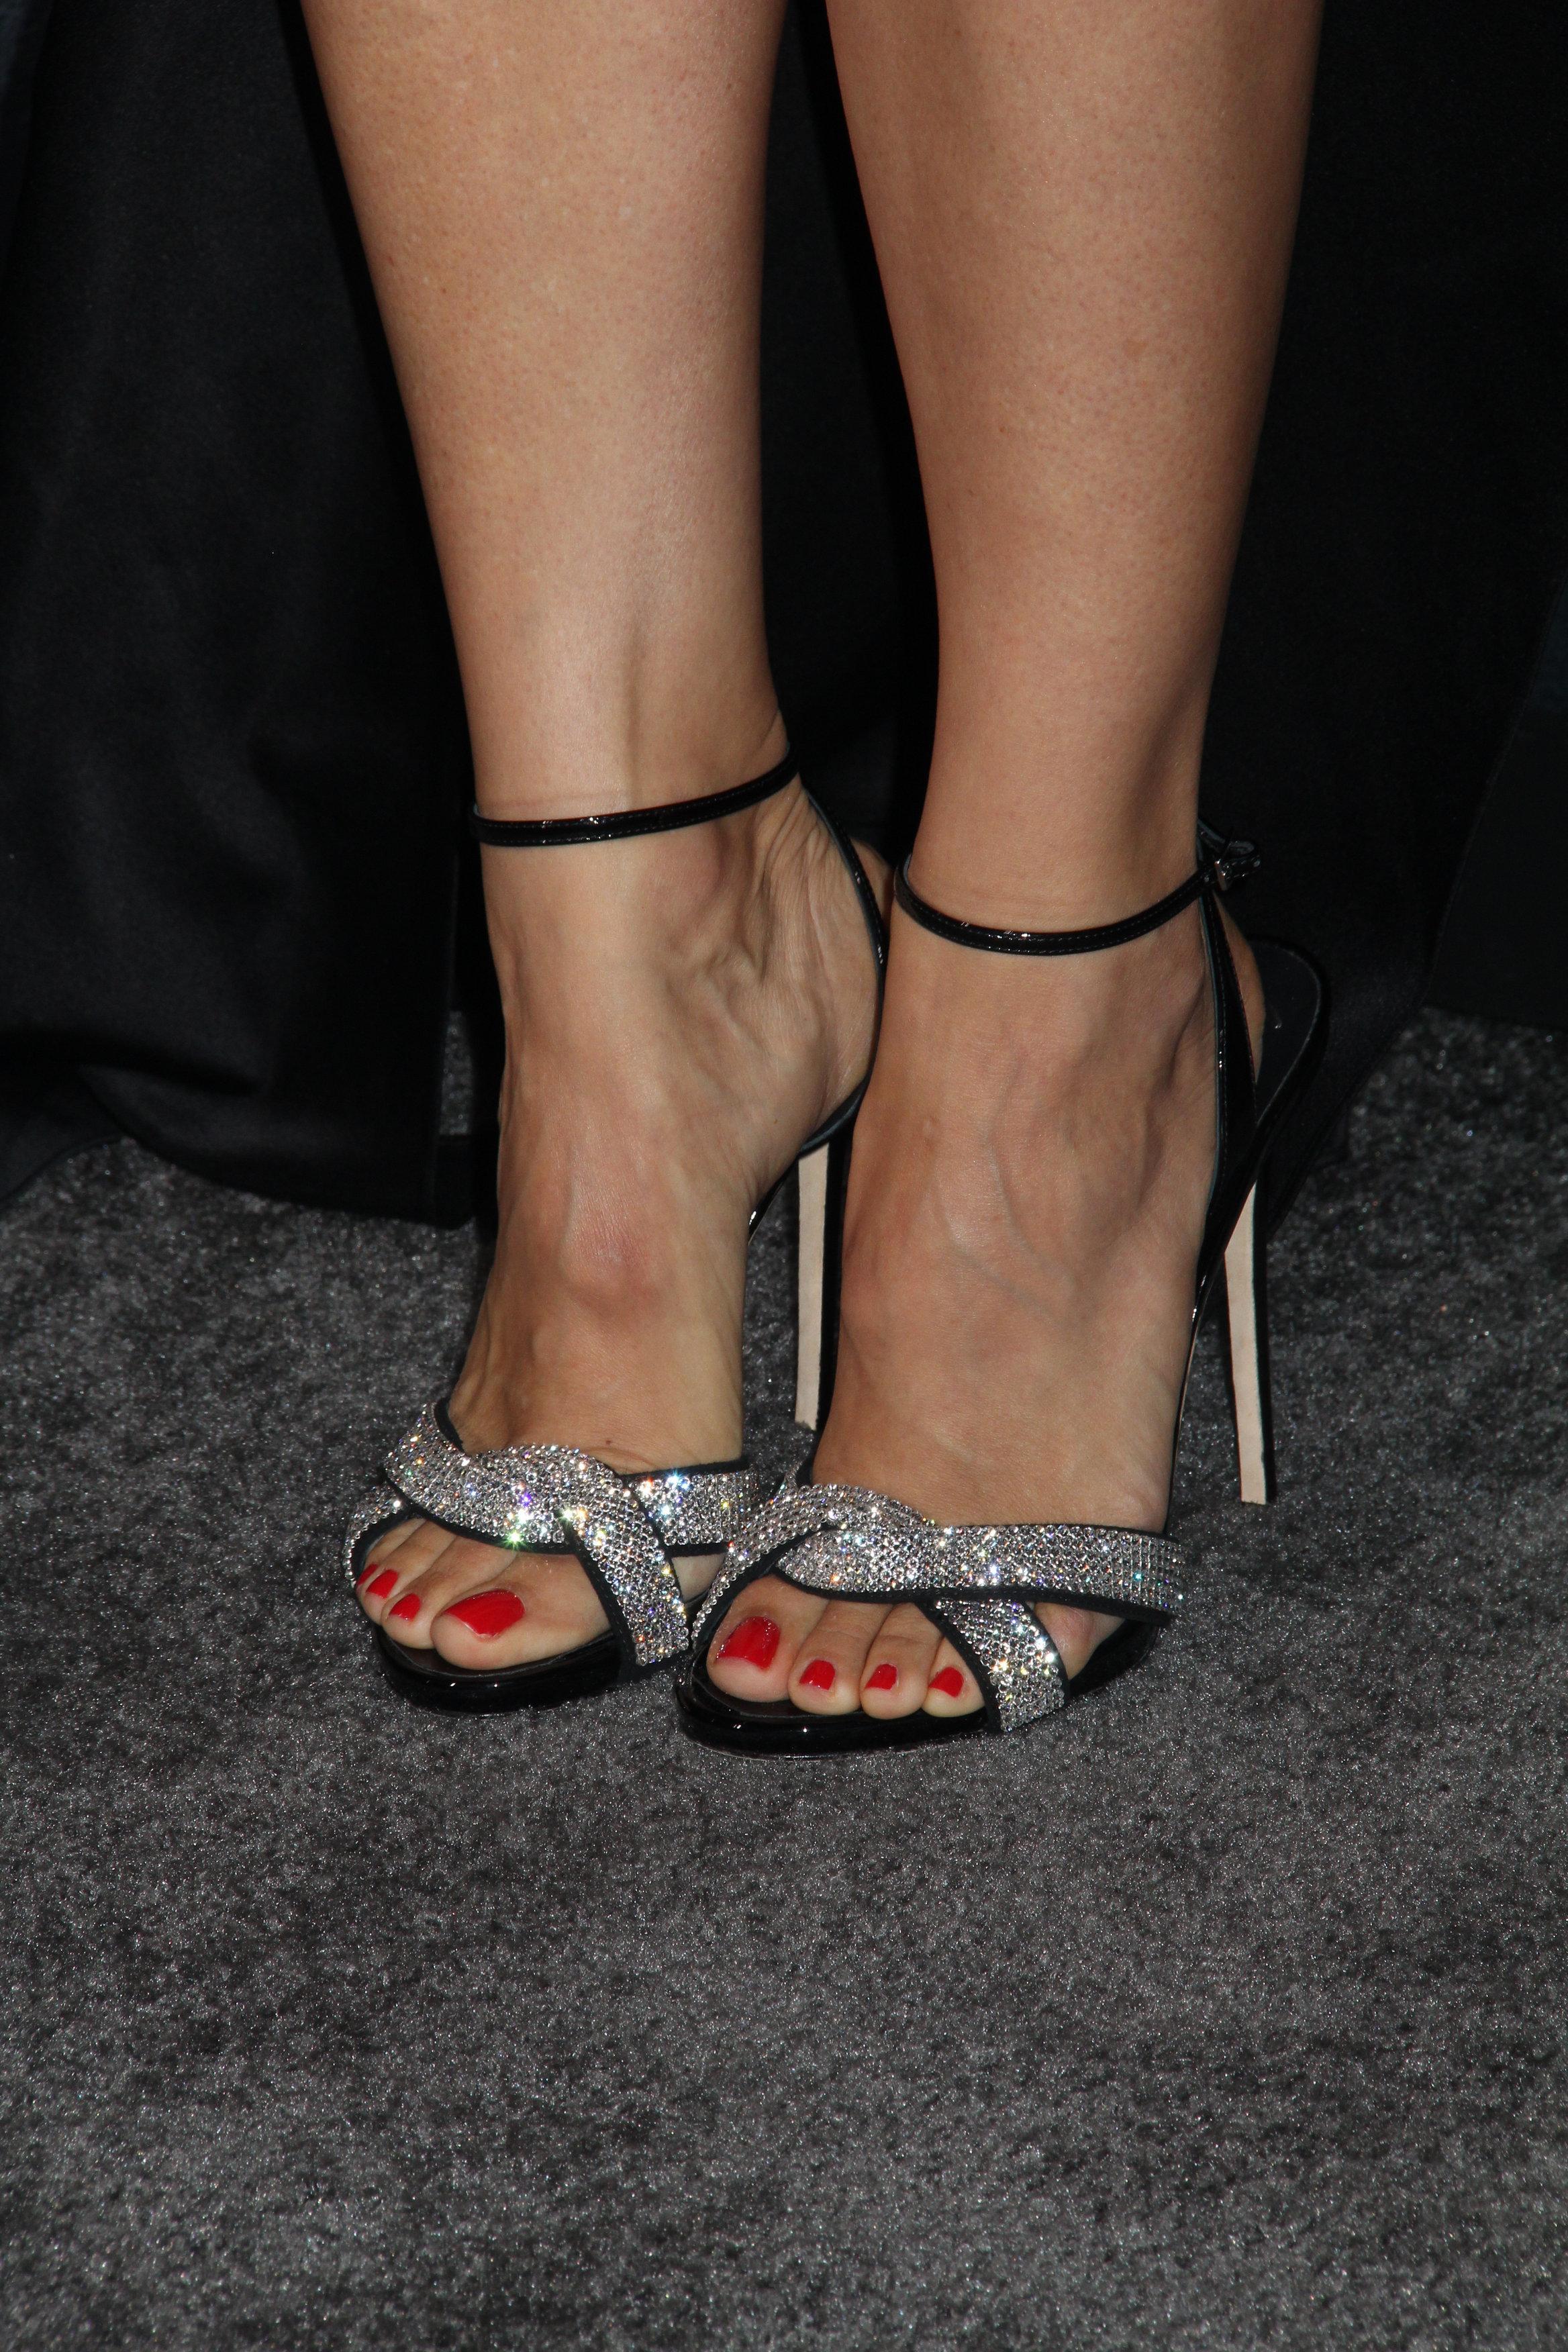 Feet Jennifer Garner naked (99 images), Instagram